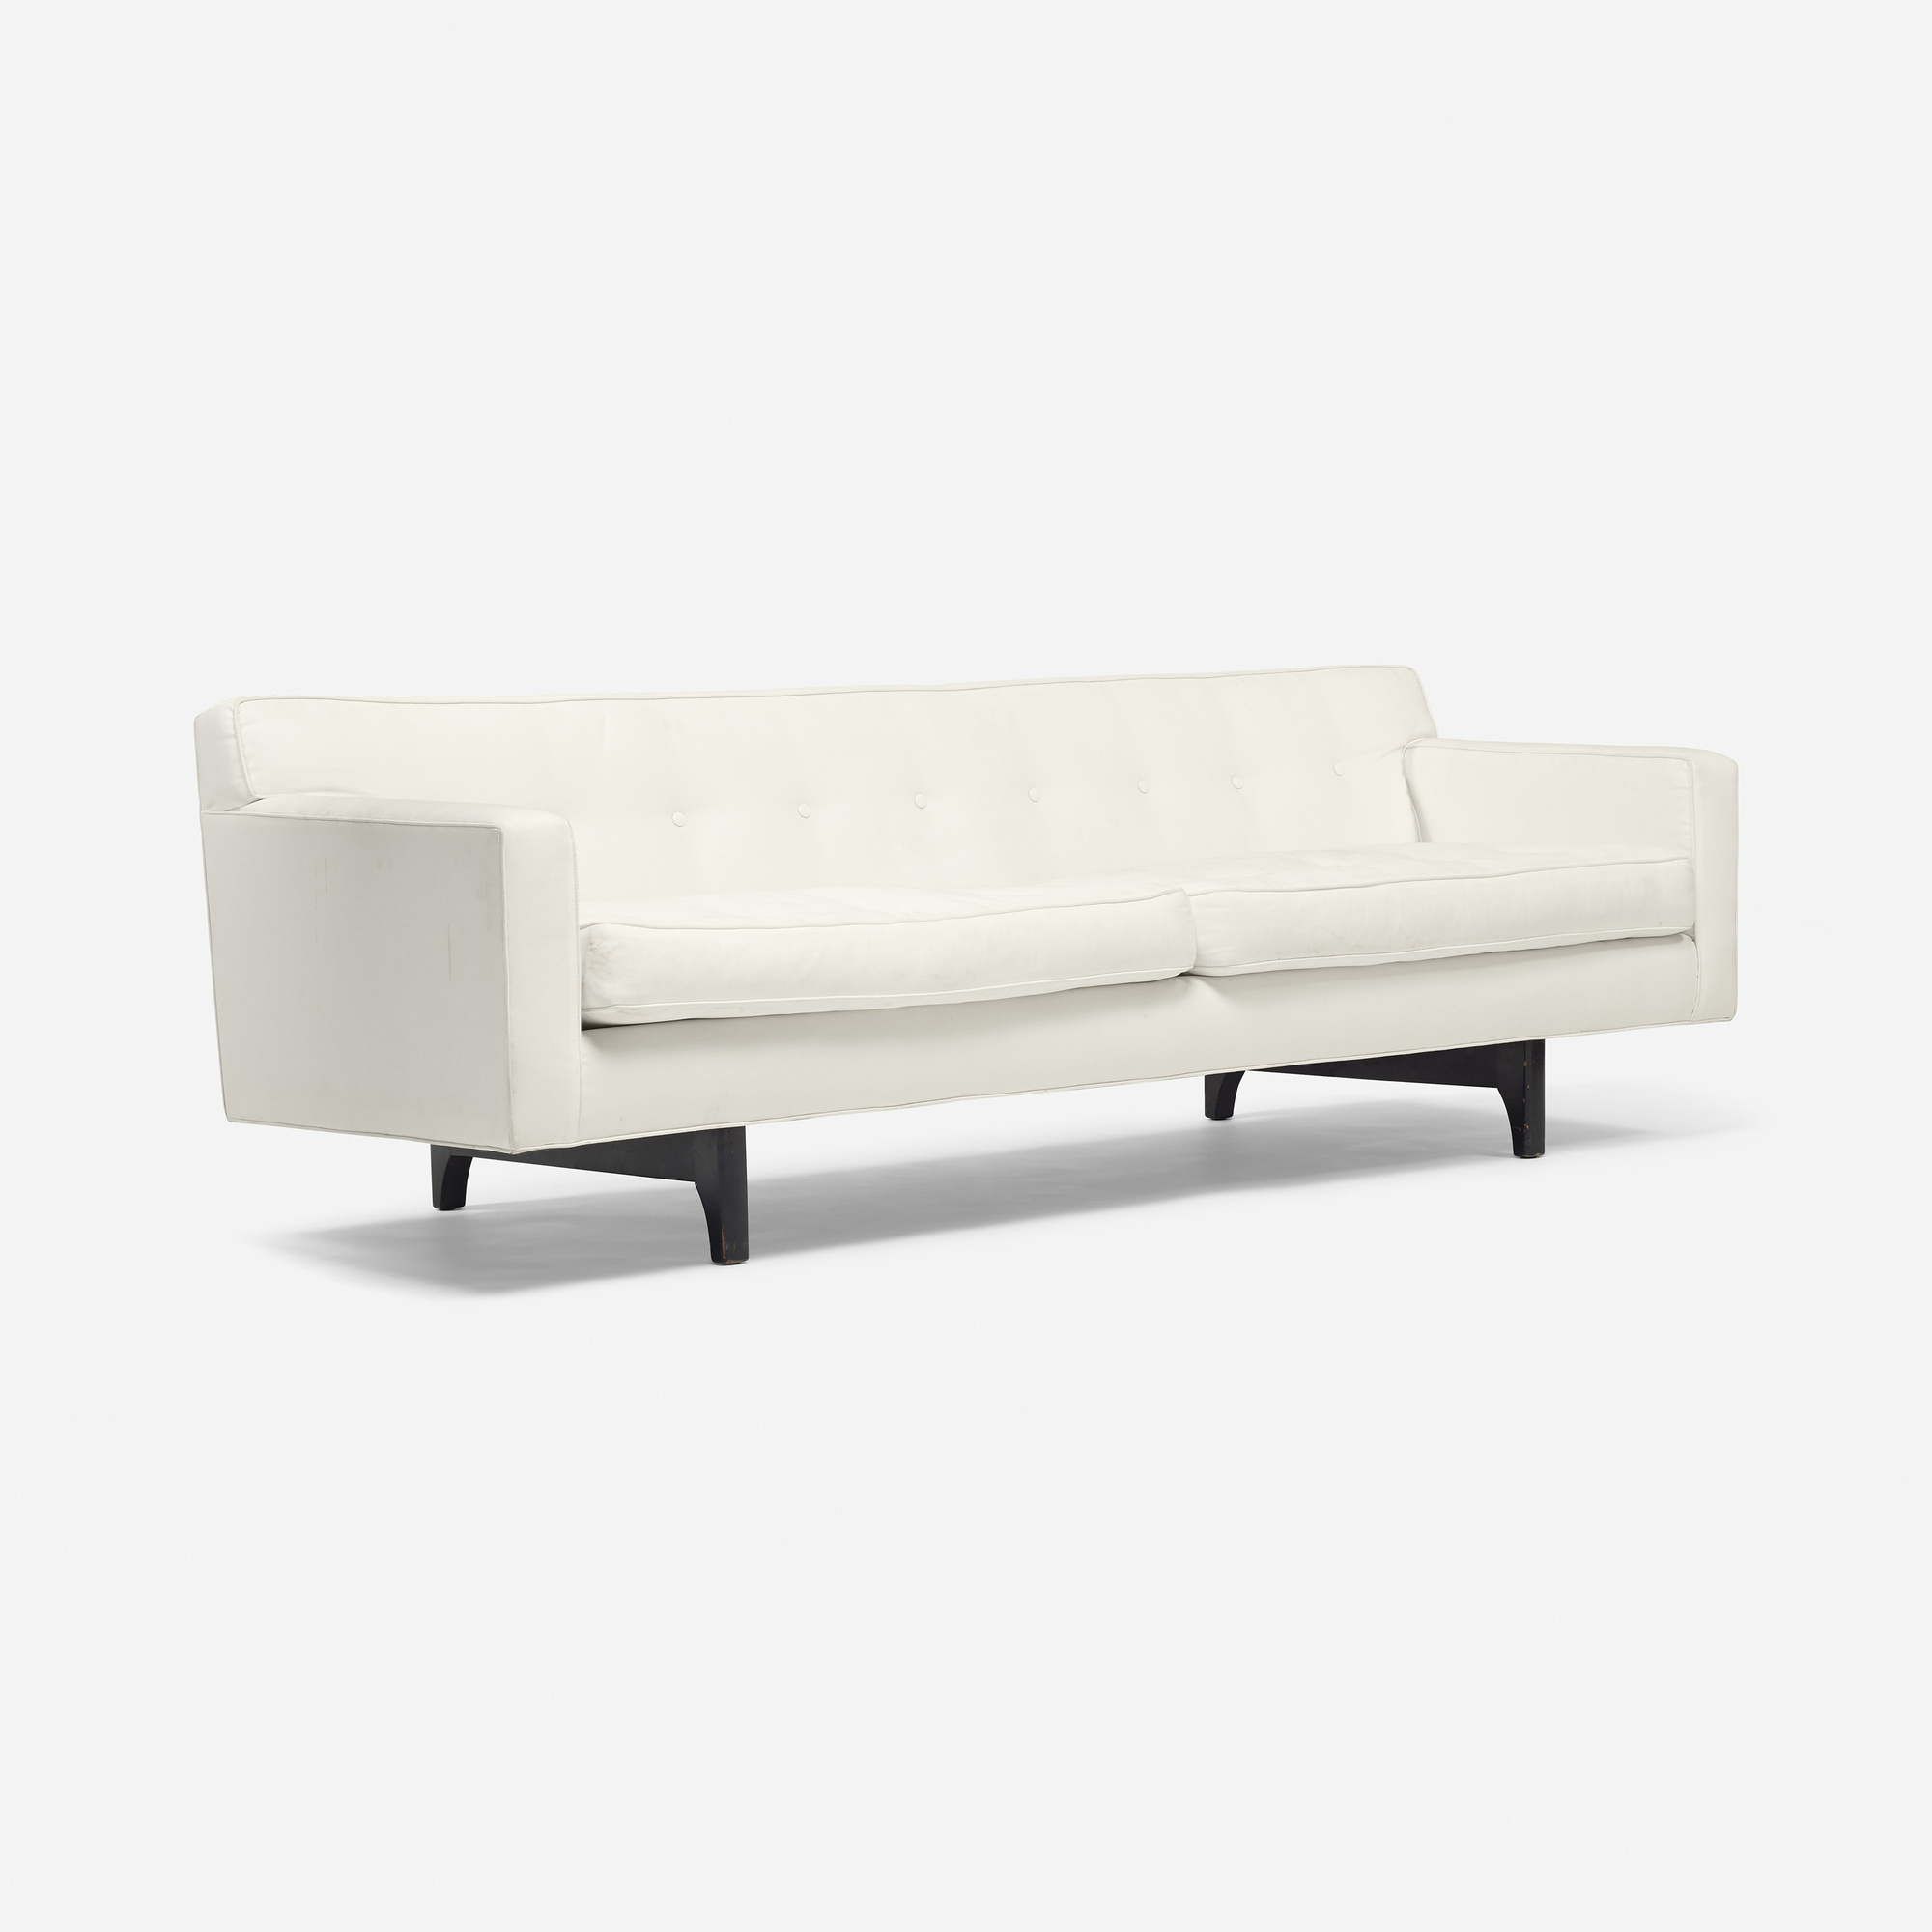 374: Edward Wormley / Sofa, Model 5125 (1 Of 4)